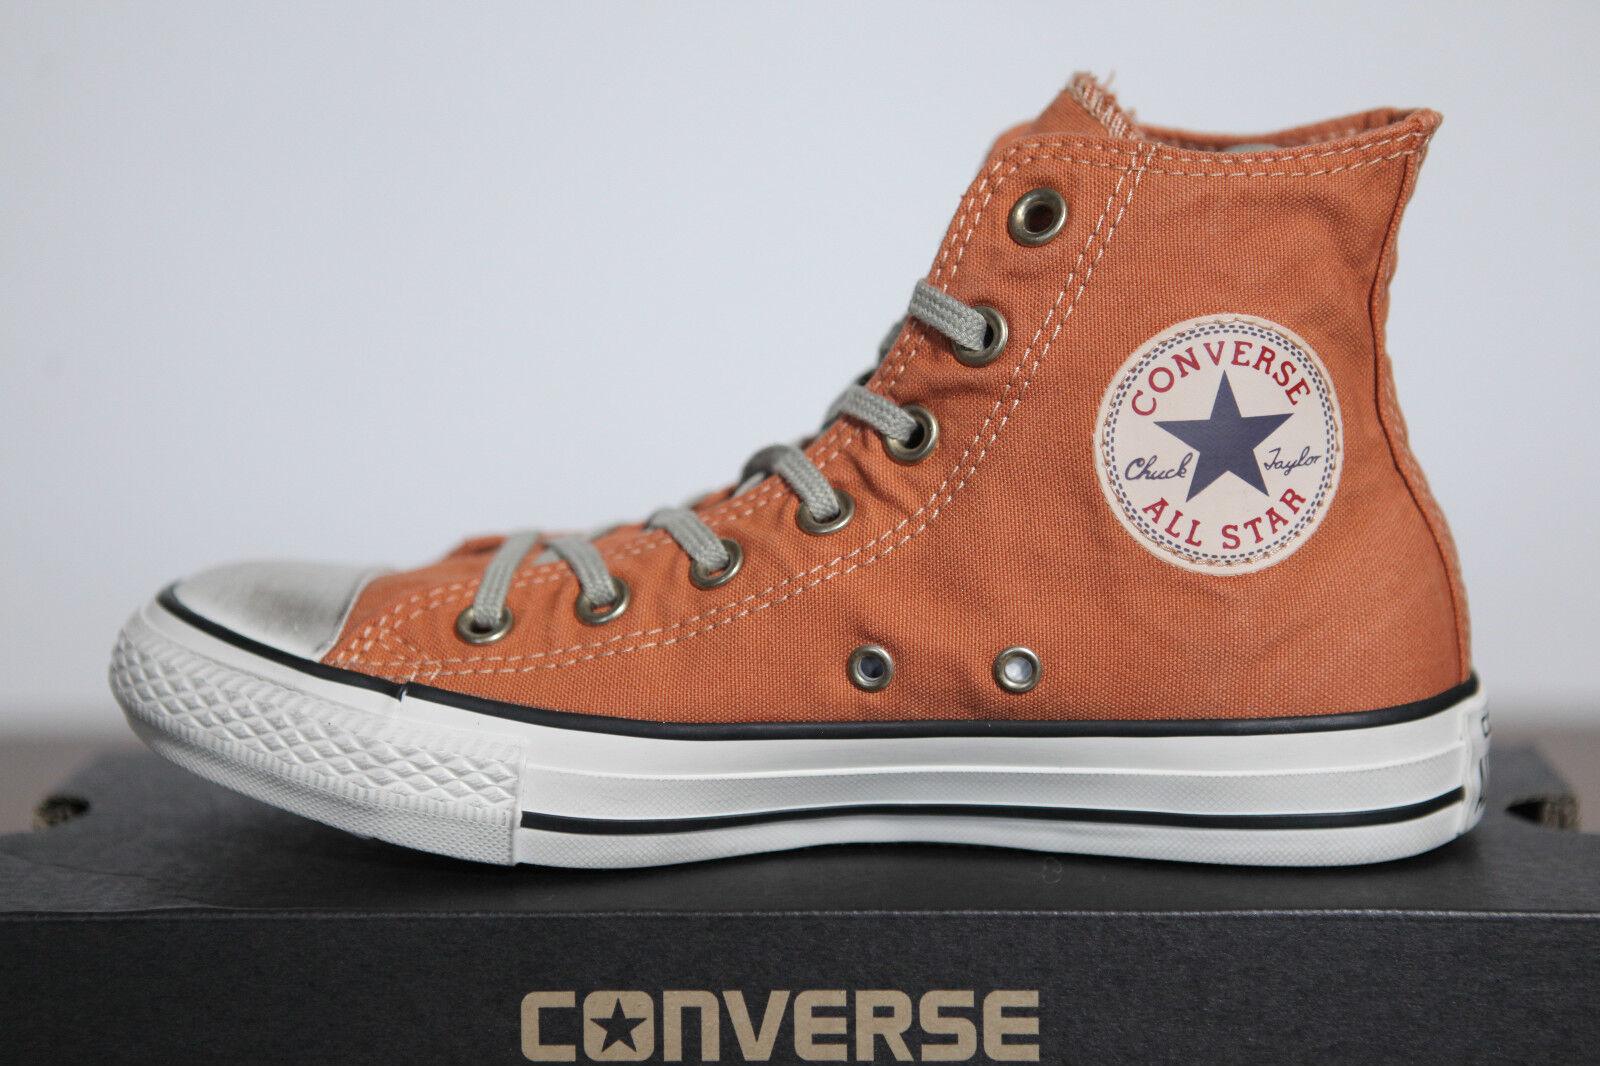 Nuevo All Star Converse Chucks Hi cortos zapatos bronce High triptófano 142224c High bronce Top 2ea7f5